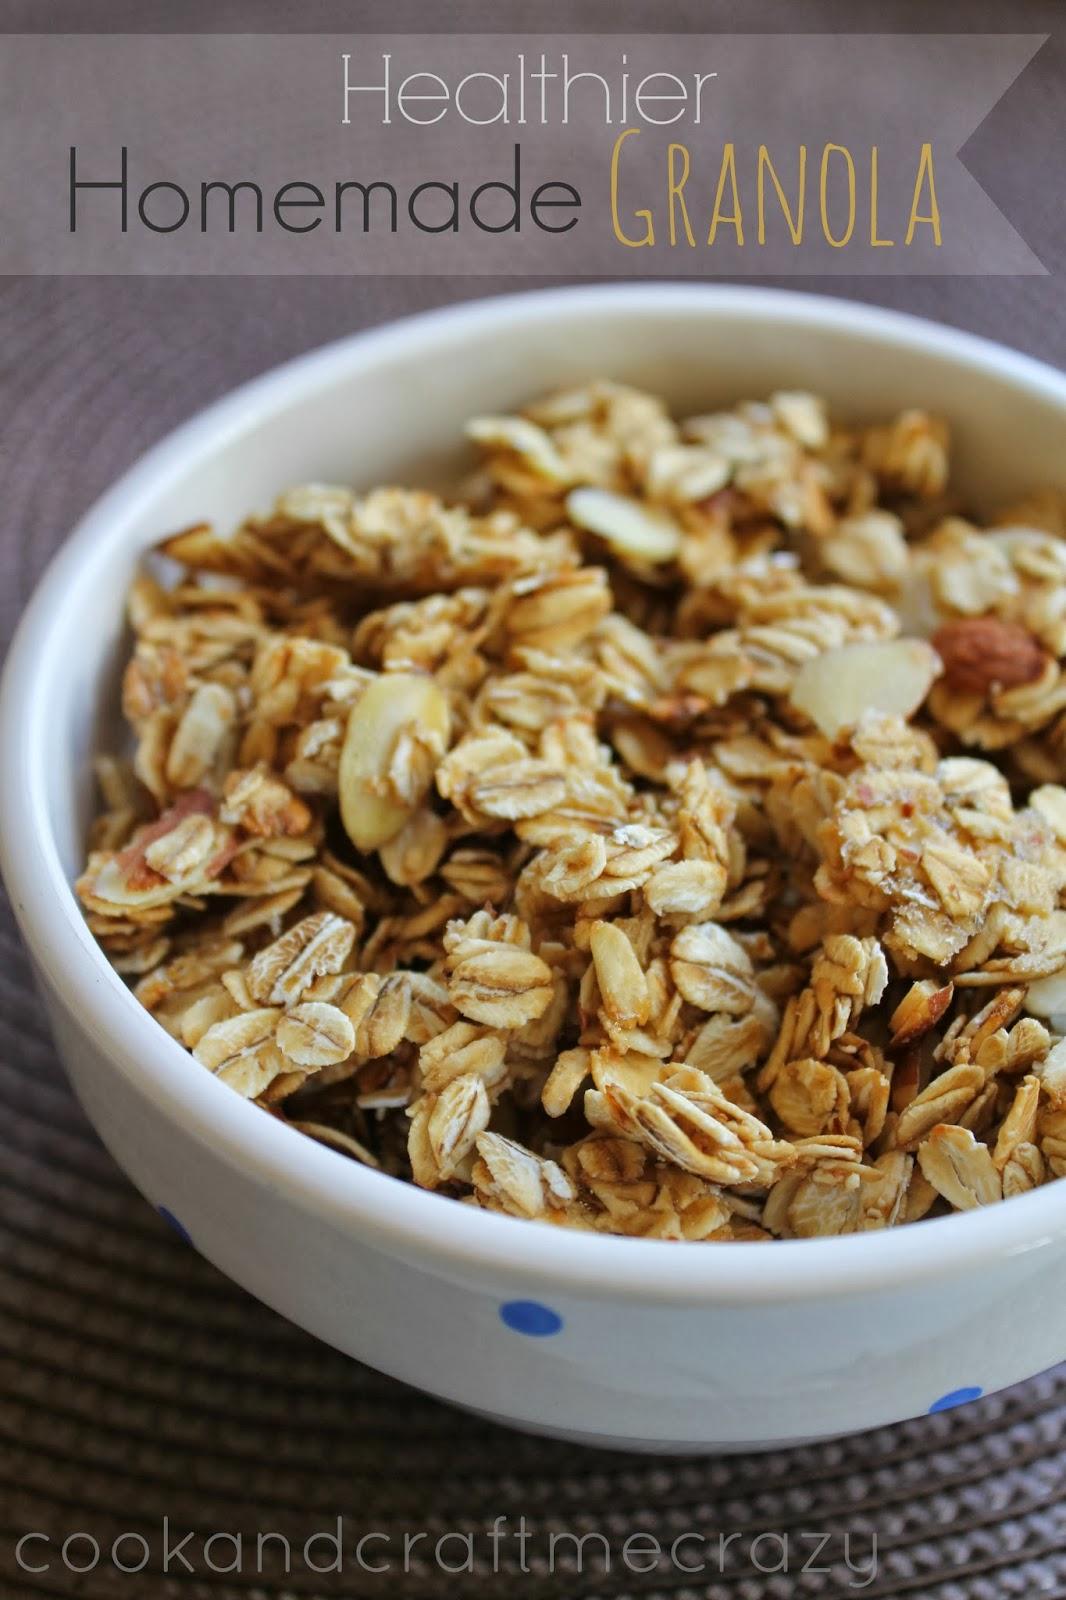 http://cookandcraftmecrazy.blogspot.com/2013/06/healthier-homemade-granola.html